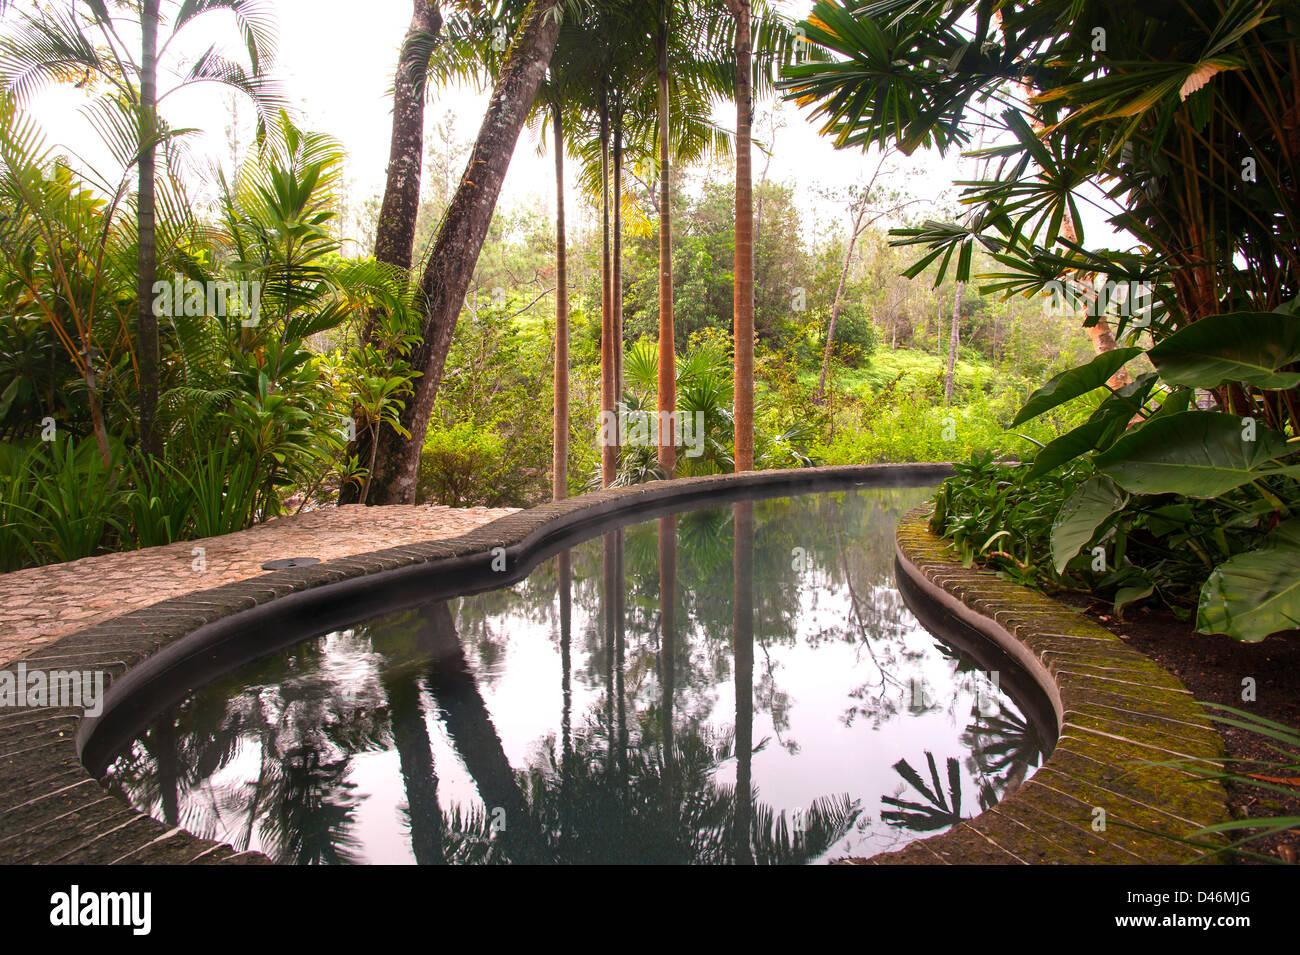 Blancaneaux Lodge, Belize - Stock Image